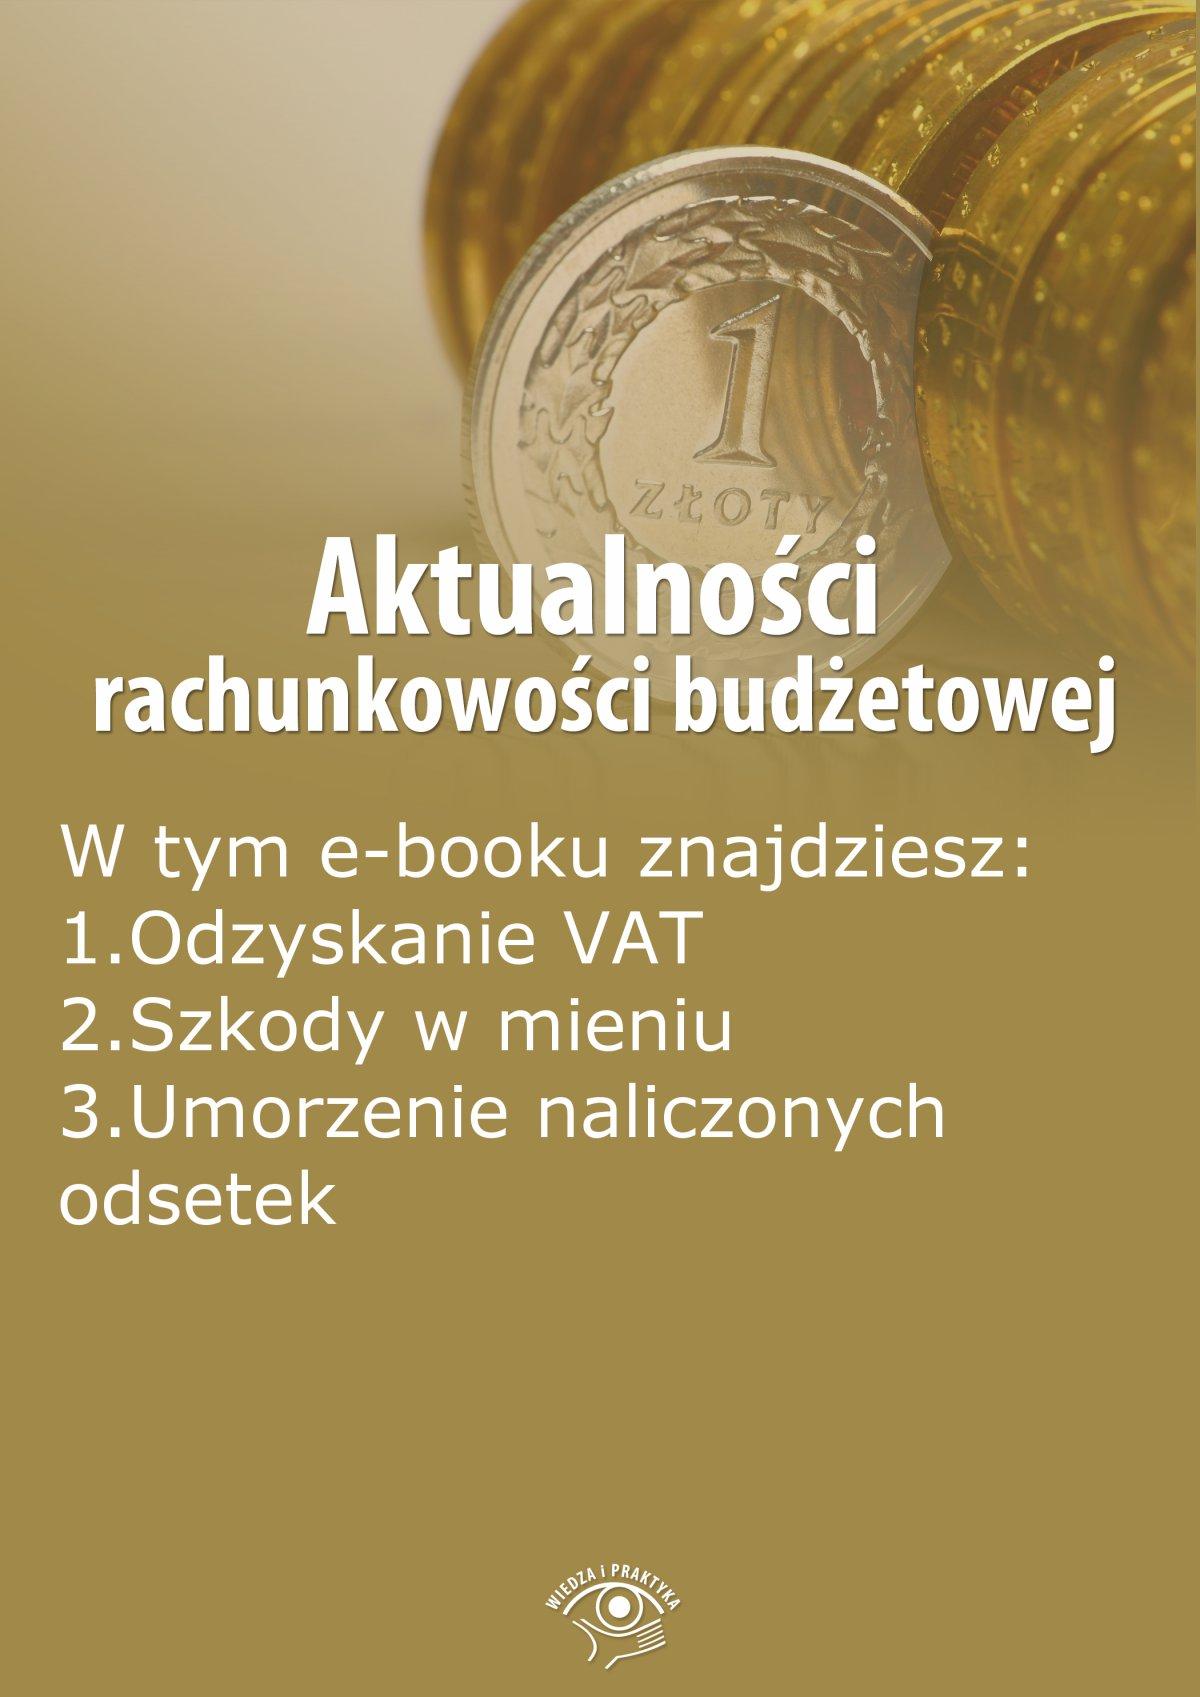 Aktualności rachunkowości budżetowej, wydanie sierpień 2014 r. - Ebook (Książka EPUB) do pobrania w formacie EPUB